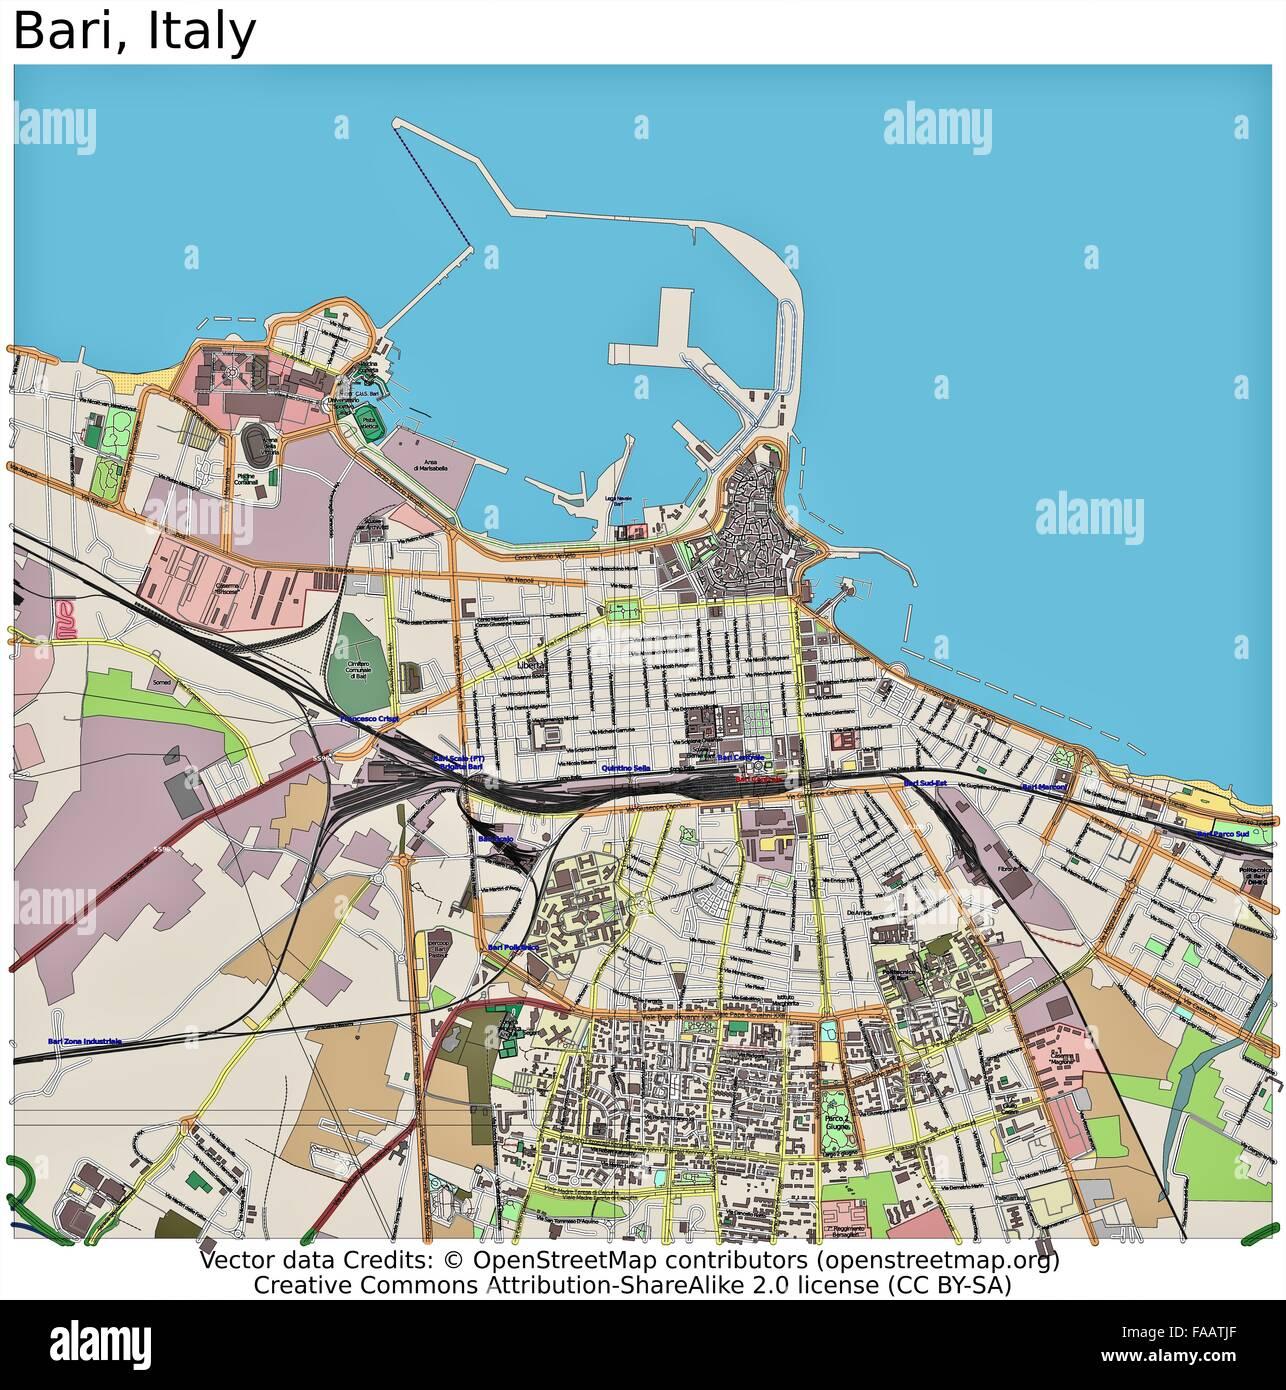 Bari italy city map stock photo 92437255 alamy bari italy city map thecheapjerseys Choice Image